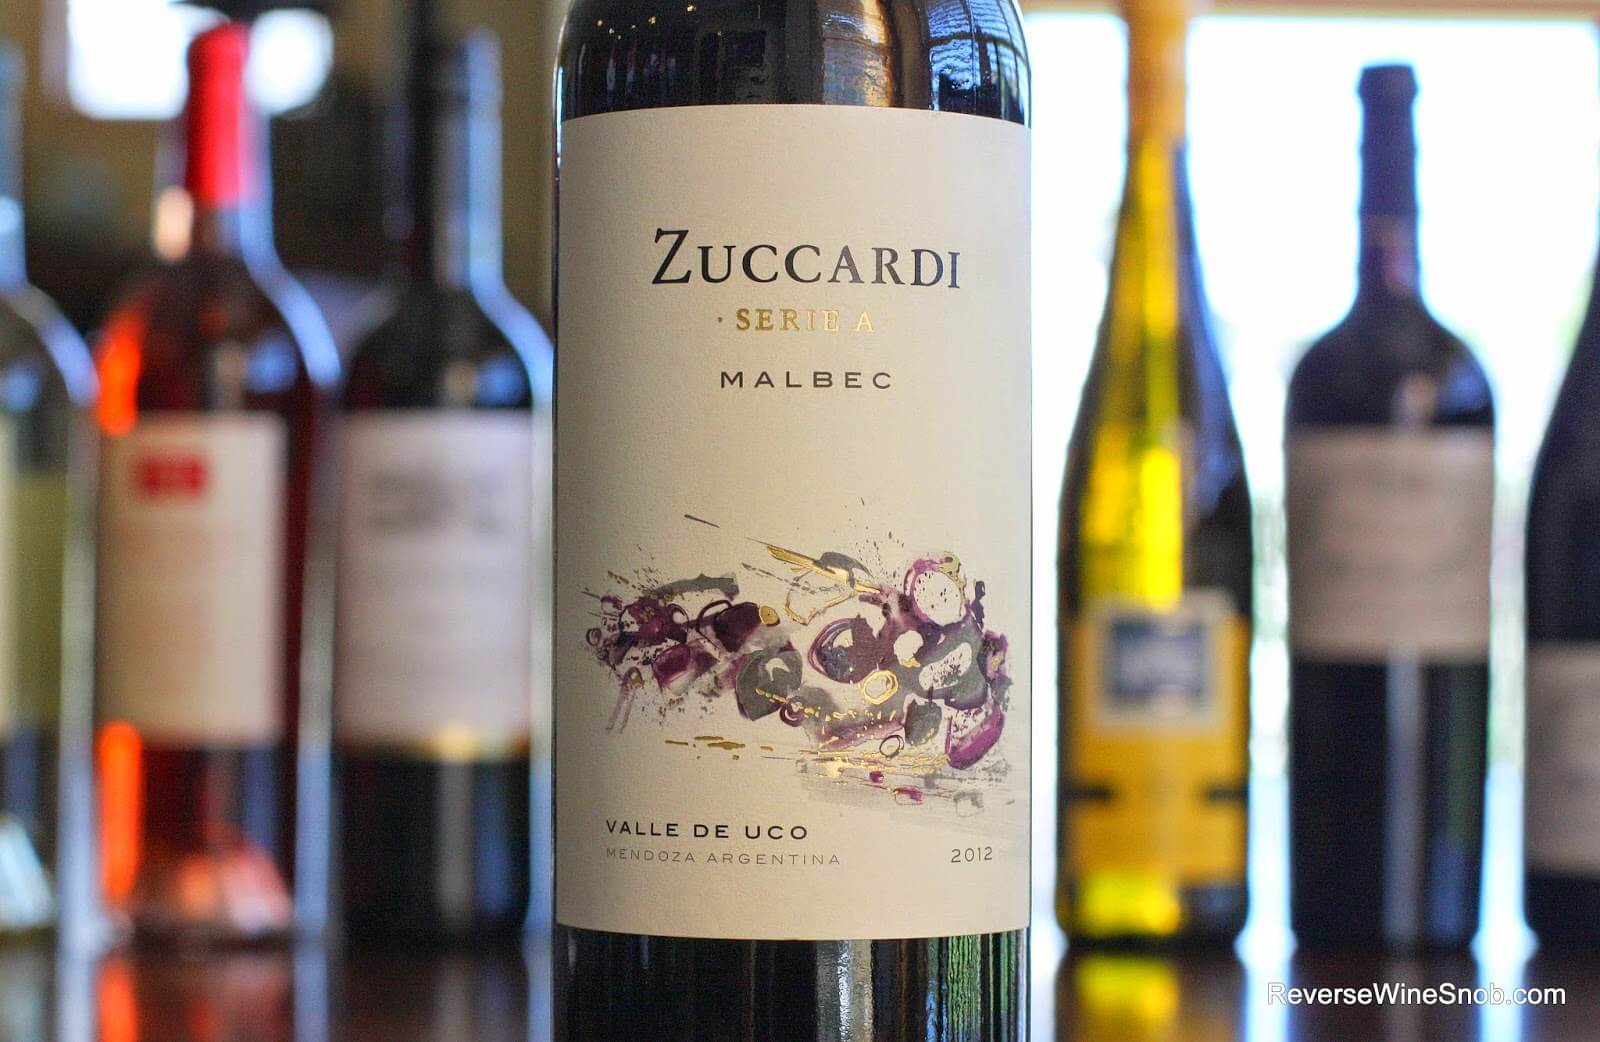 2012-Zuccardi-Serie-A-Malbec